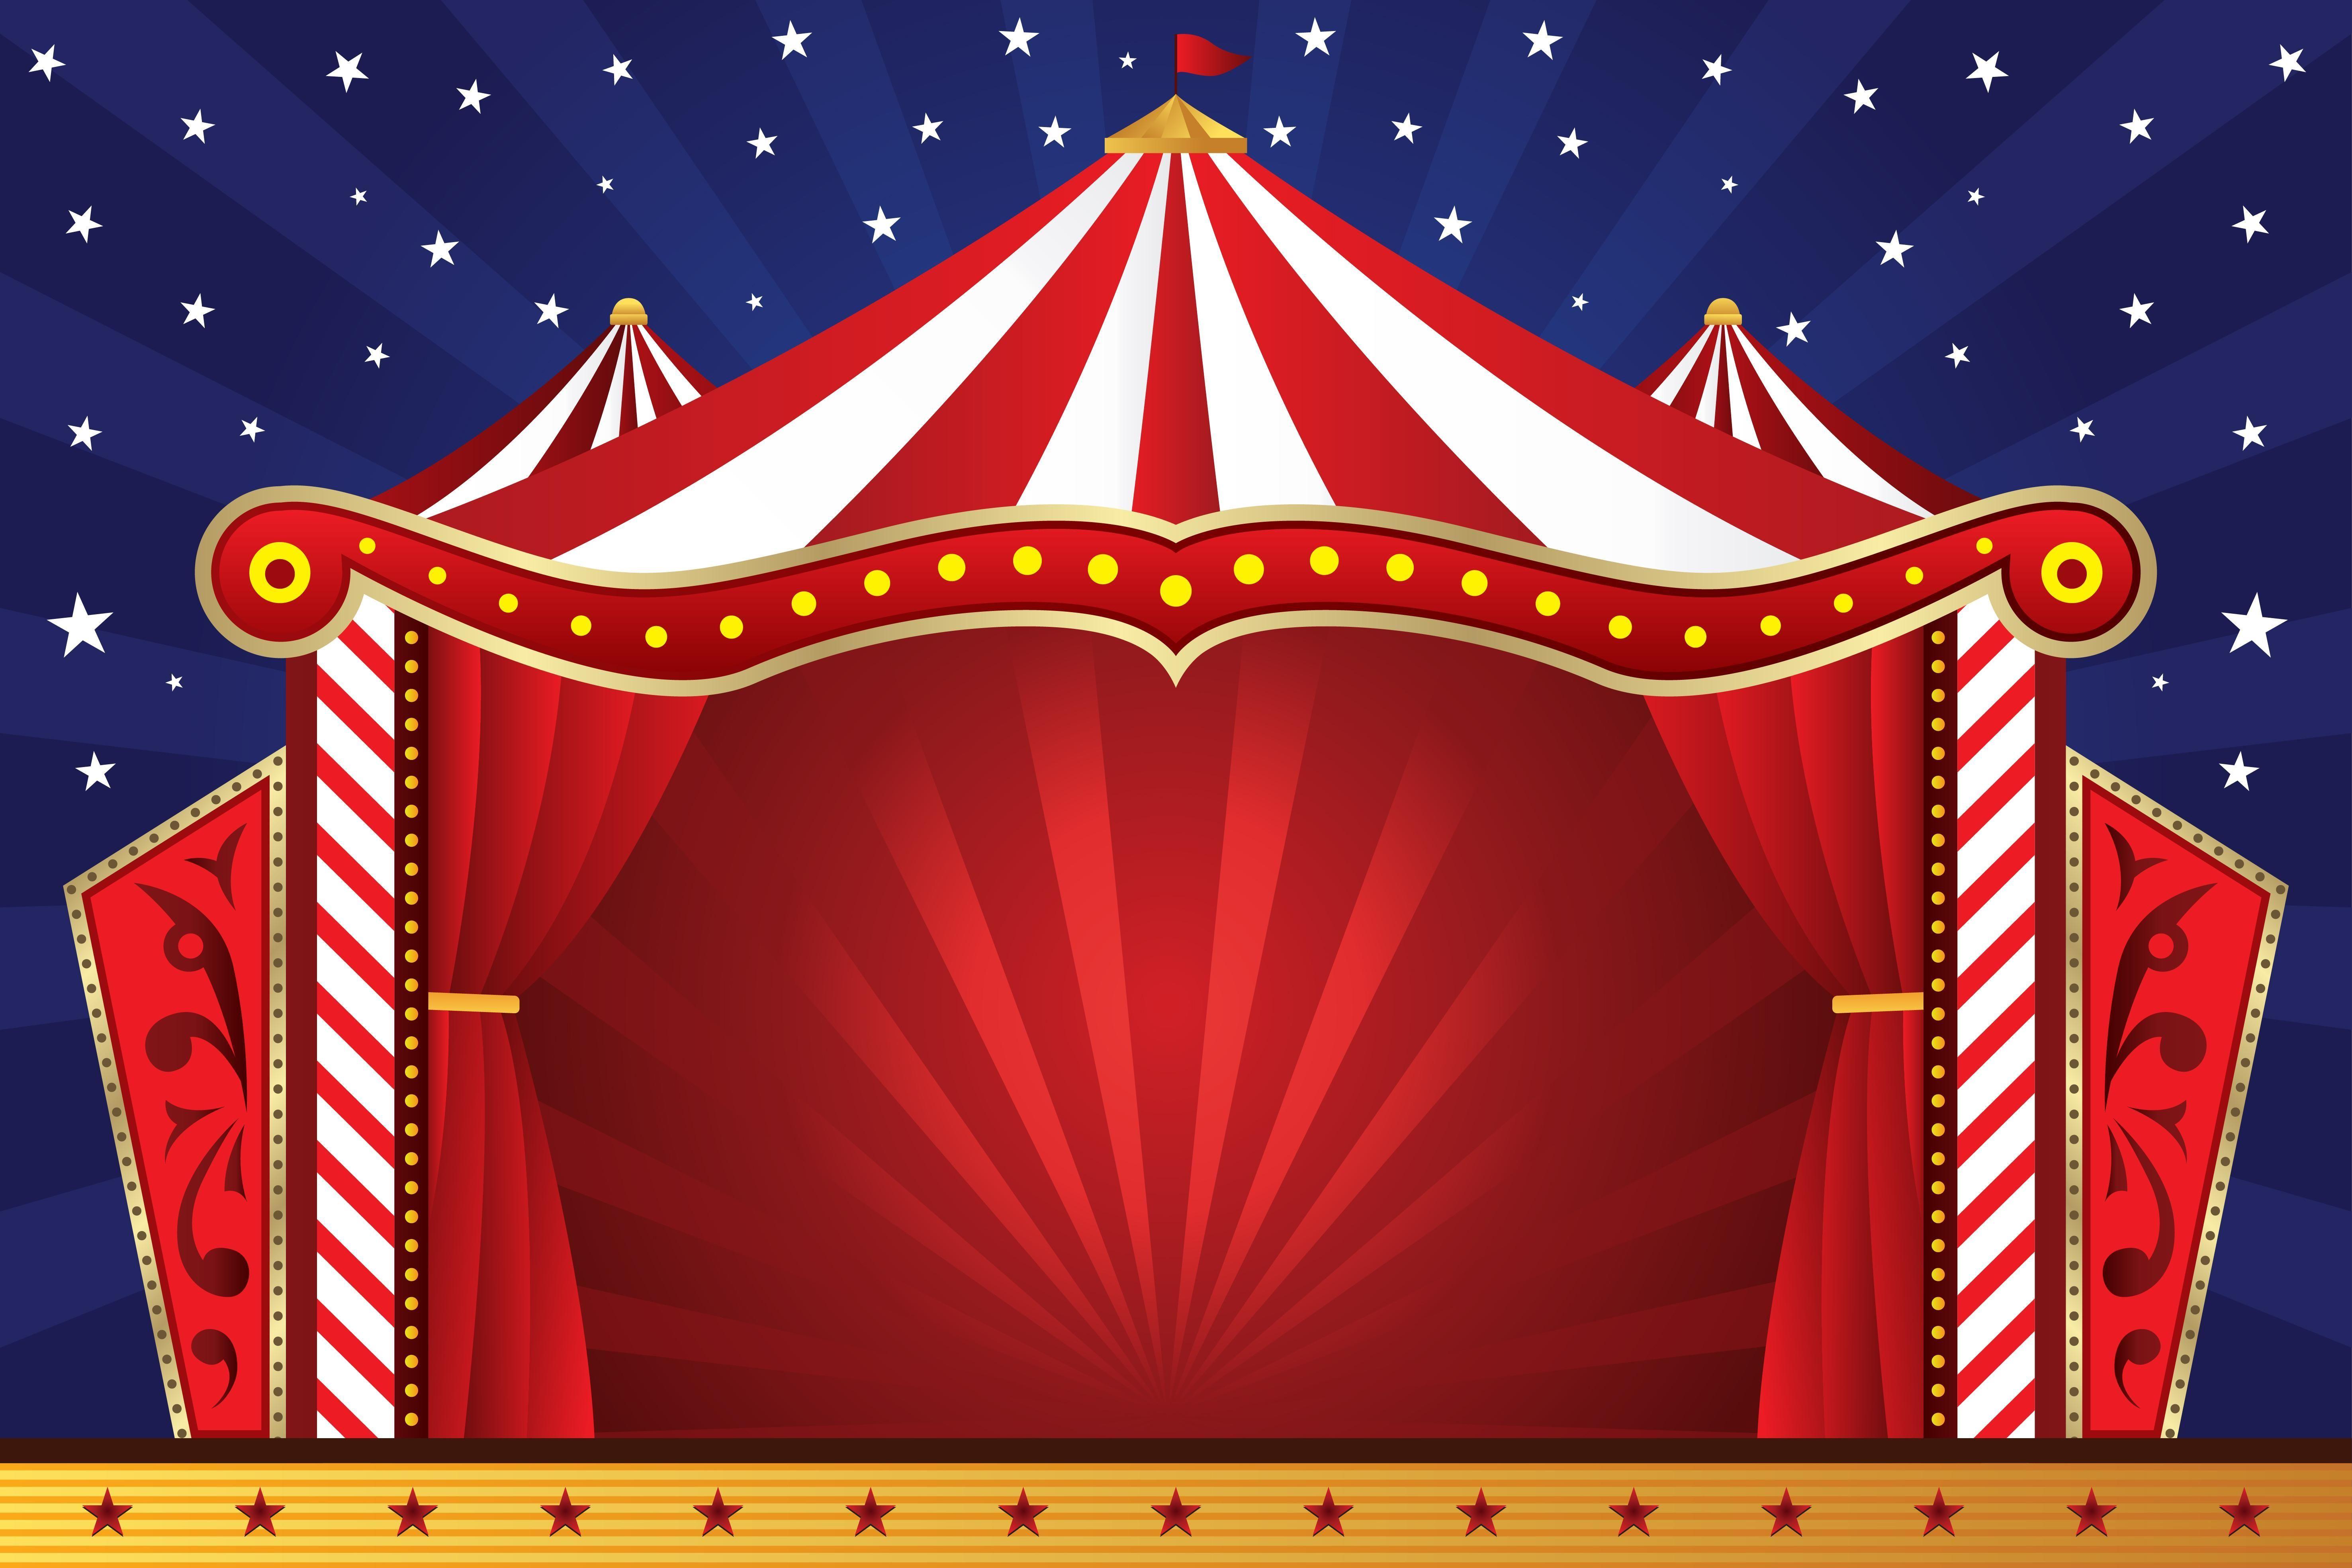 Circus Wallpapers   Top Circus Backgrounds   WallpaperAccess 5906x3937